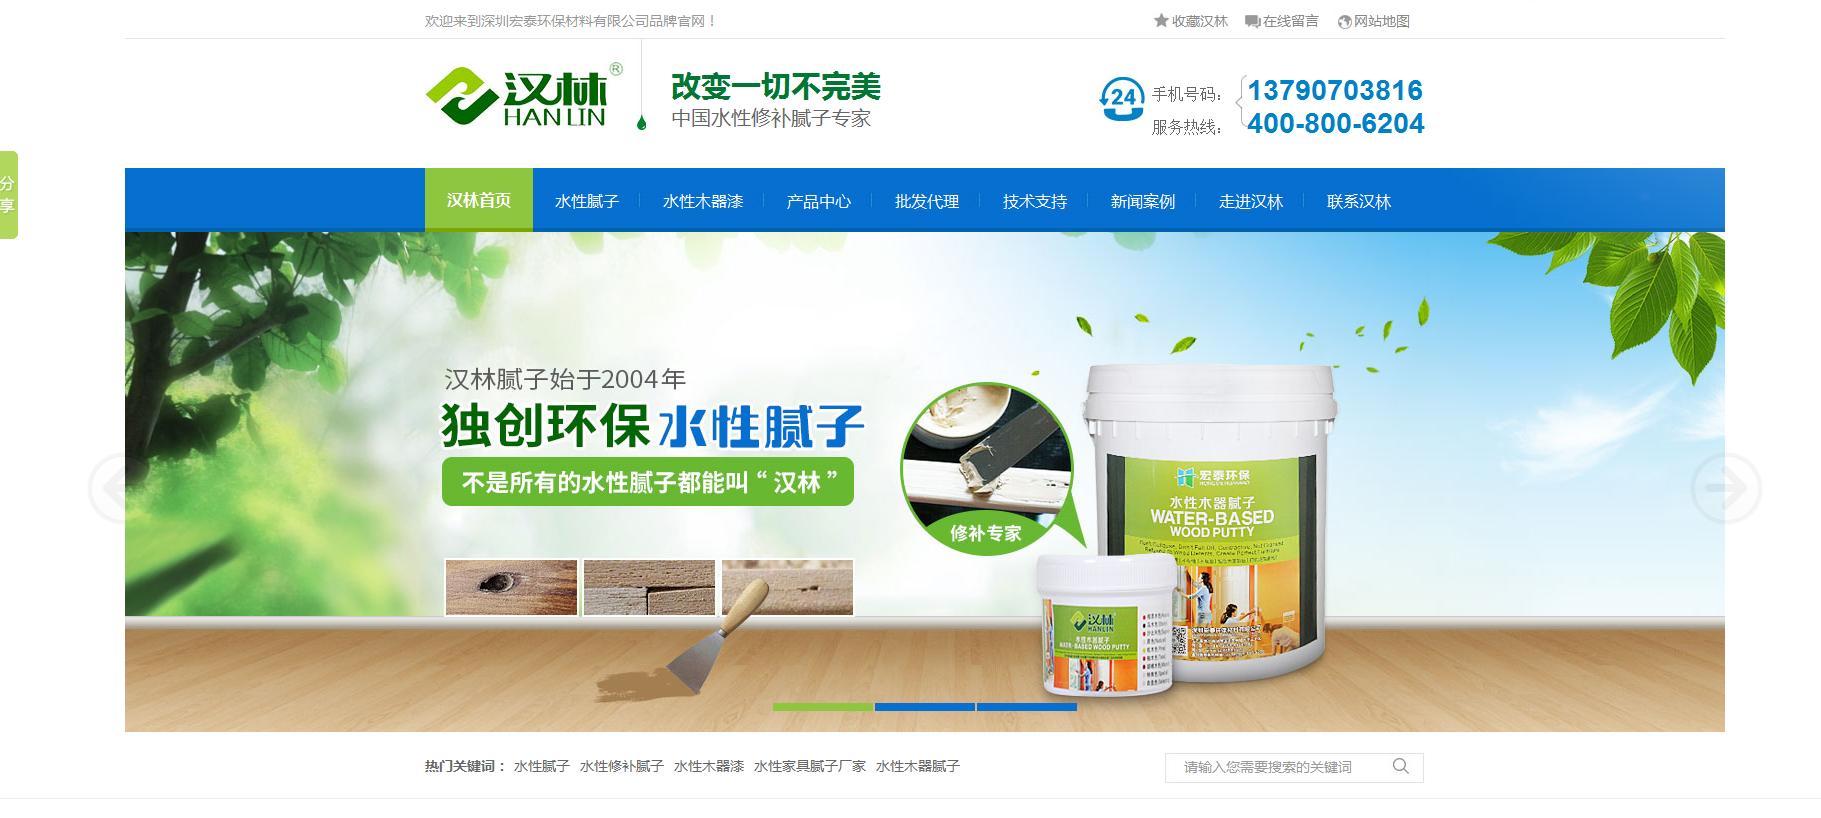 【中国木业网】报道:汉林水性修补腻子官方网站正式上线